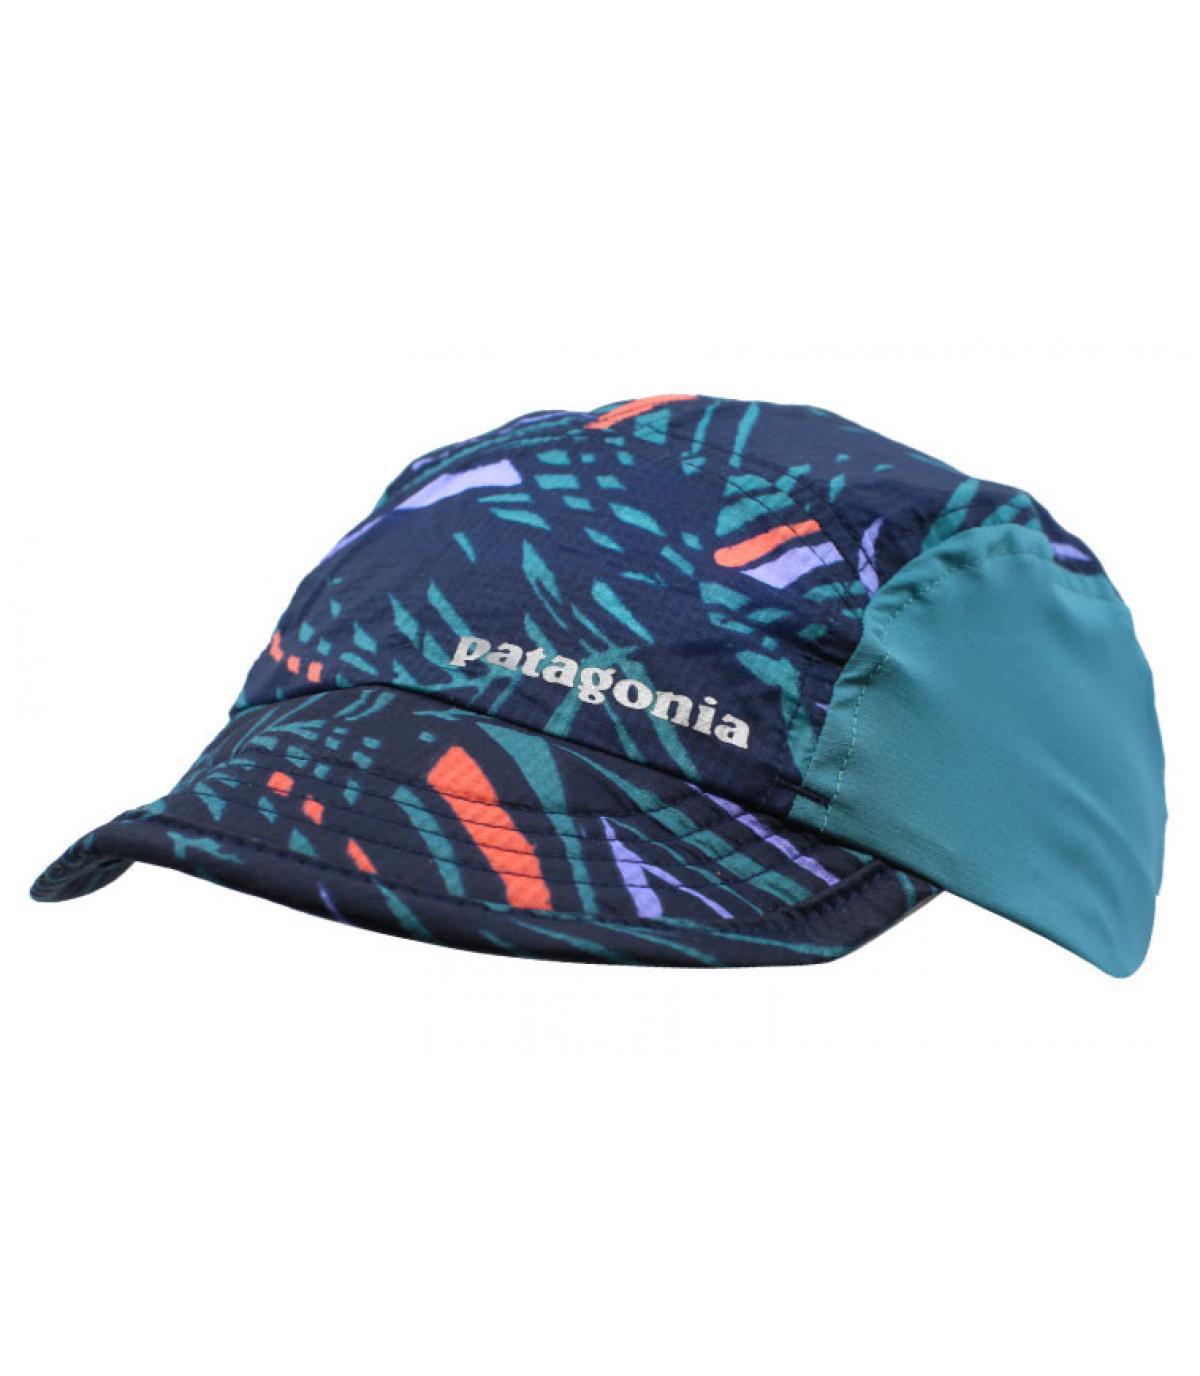 casquette Patagonia motif